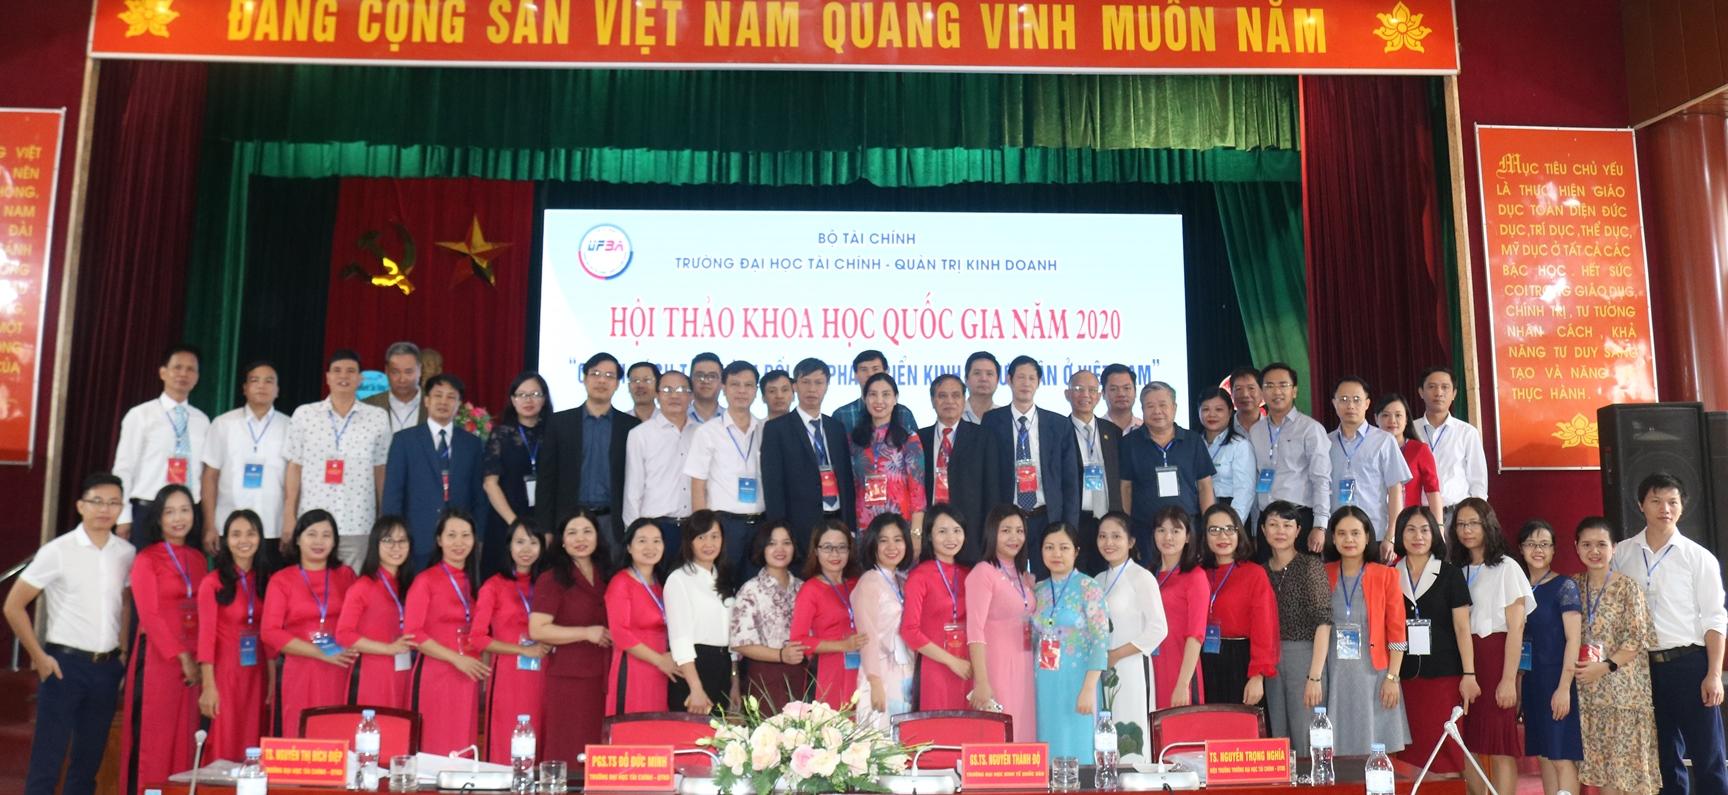 Hội thảo quốc gia: Chính sách tài chính đối với phát triển kinh tế tư nhân ở Việt Nam